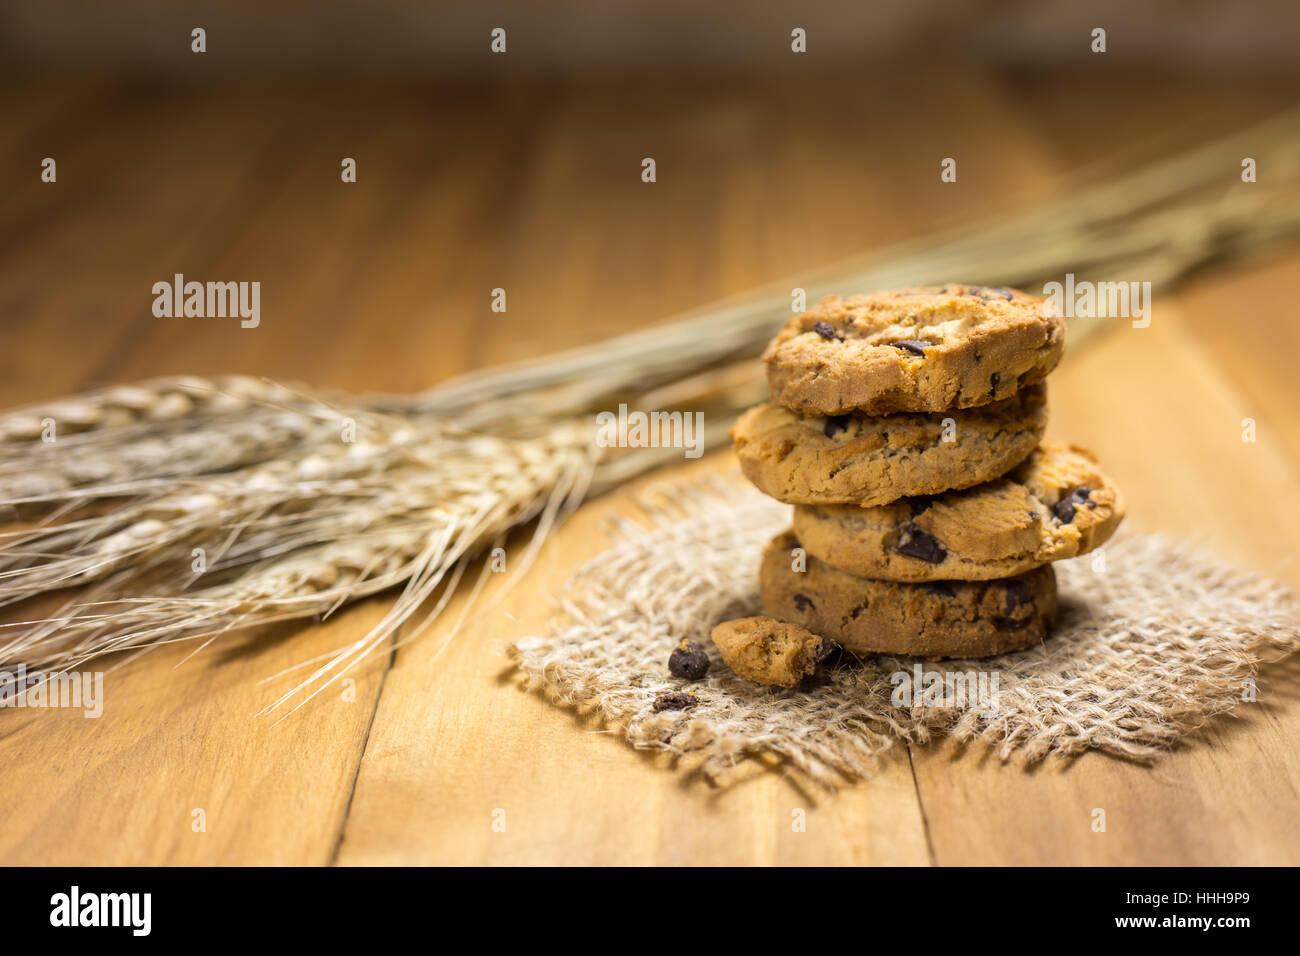 Biscotti al cioccolato su un sacco di stoffa su legno. I biscotti al cioccolato e malto di riso shot su un panno Immagini Stock